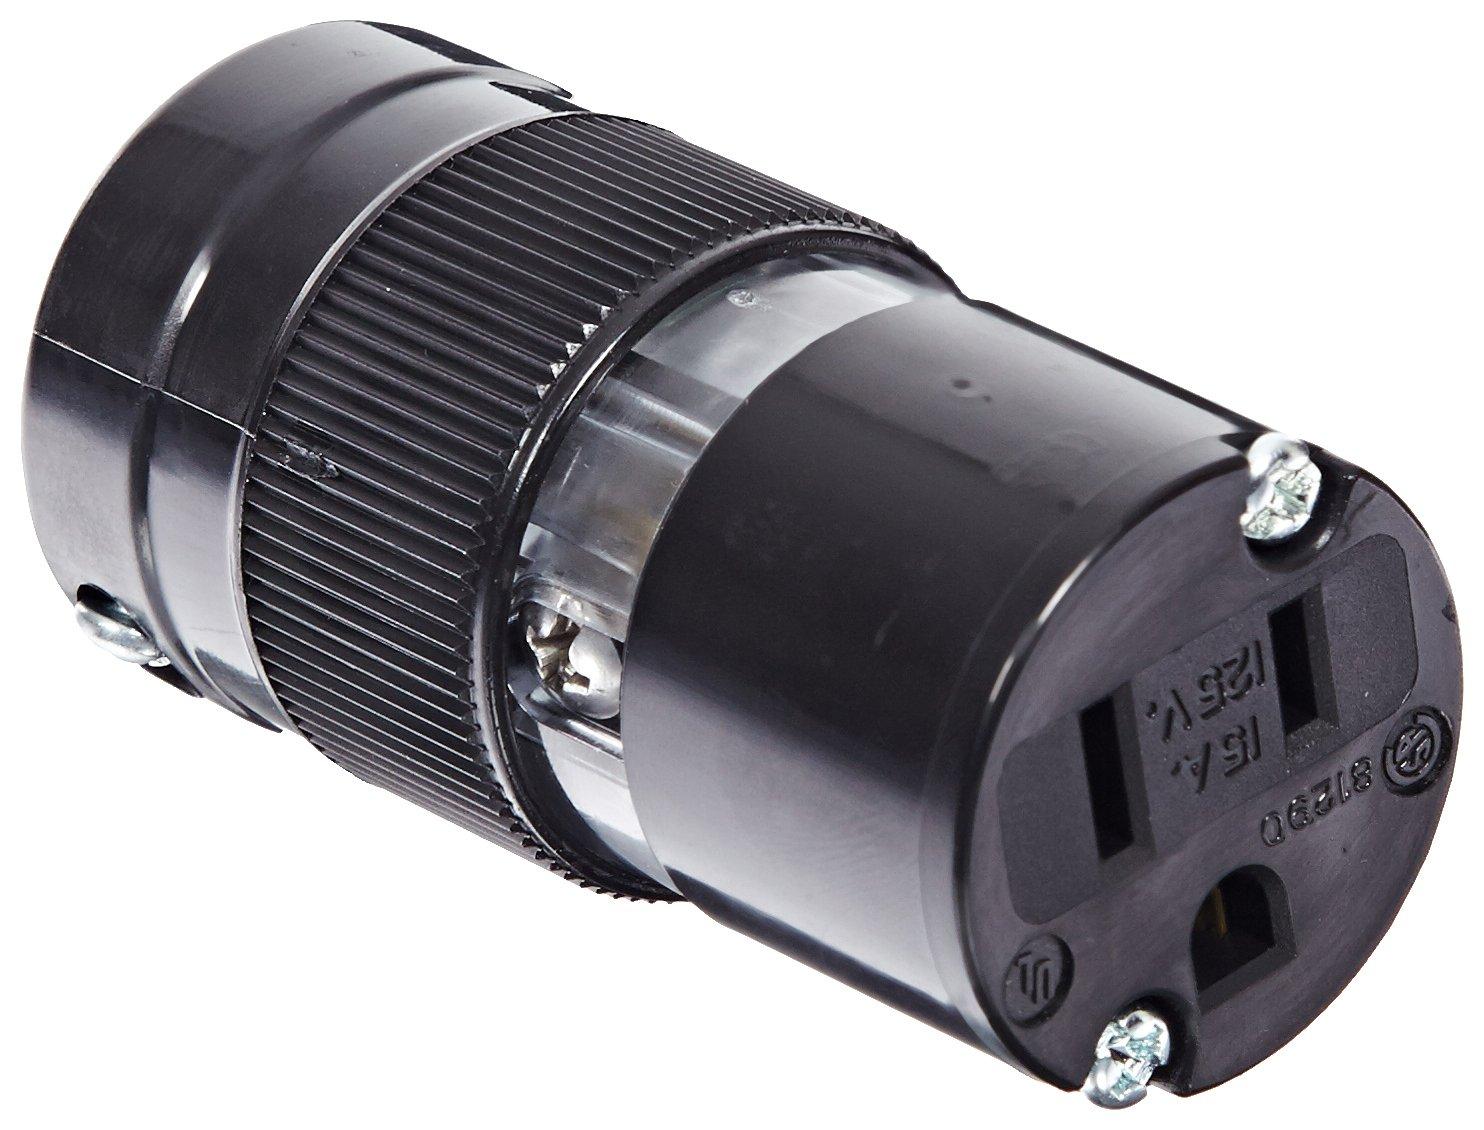 Marinco 5269BL 15 Amp, 125 Volt, 2 Pole-3 Wire, Connector - Black